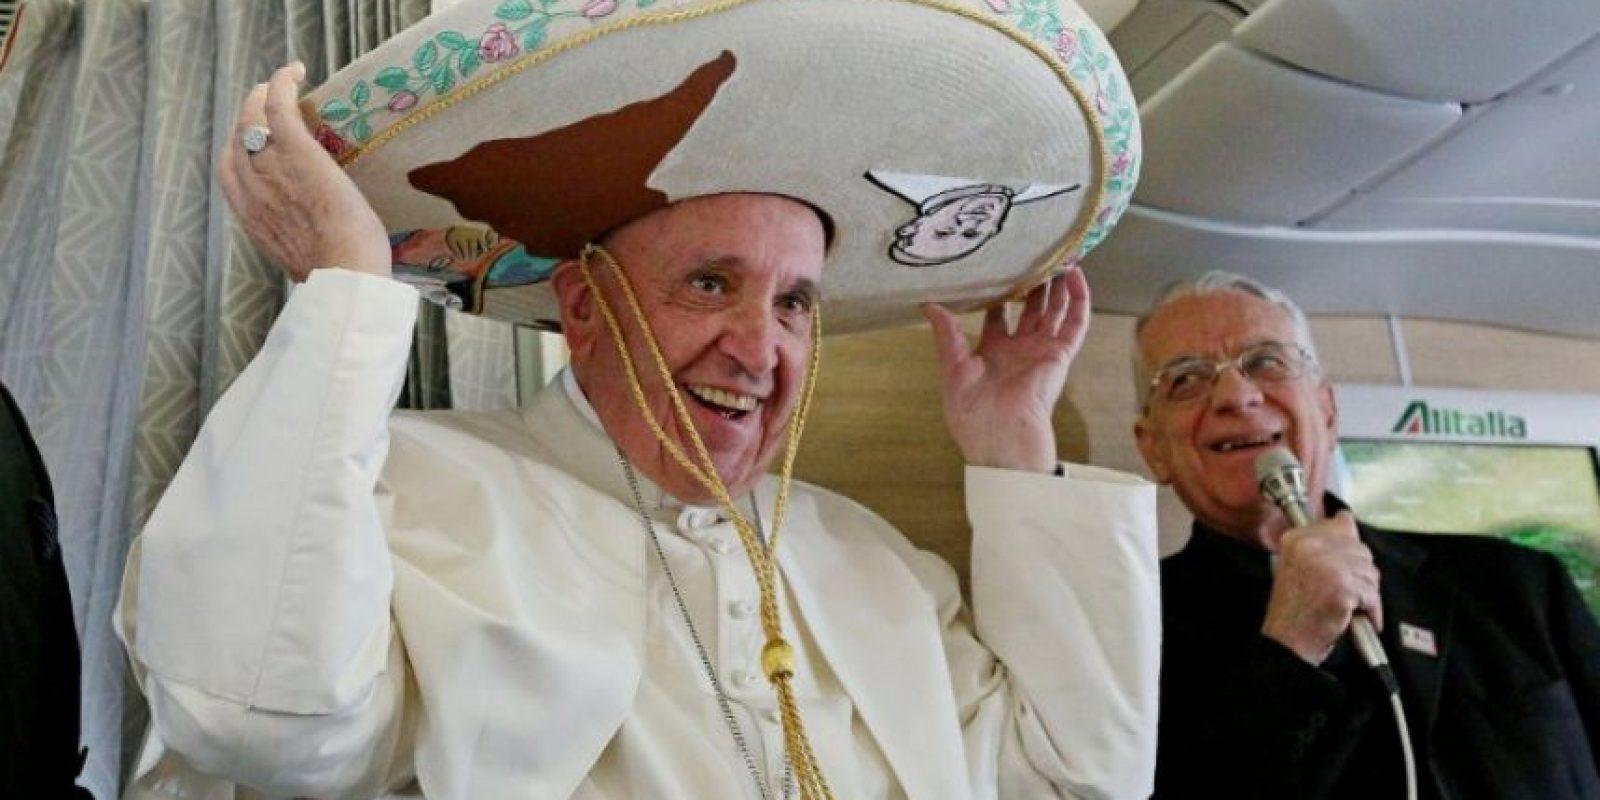 El papa Francisco porta un sombrero de charro mientras aborda un avión rumbo a México. Foto:AFP